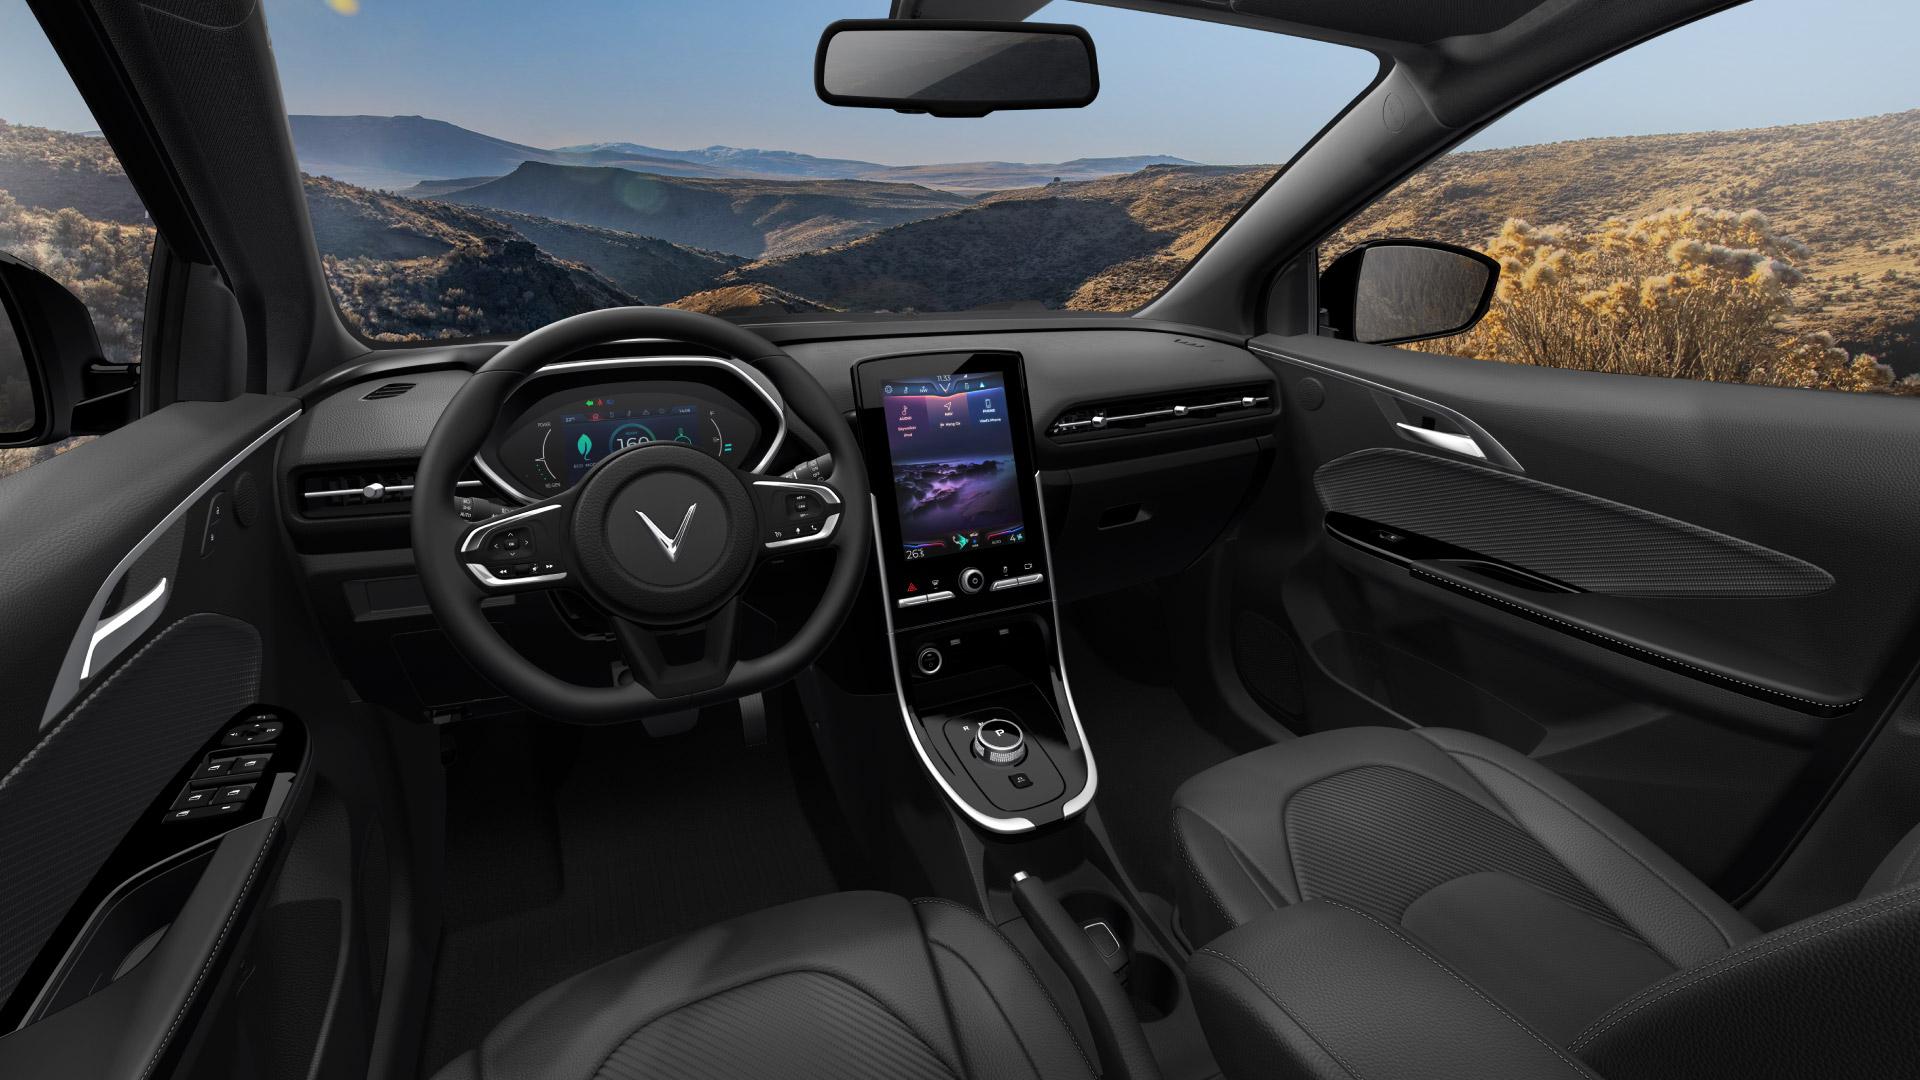 VinFast mở bán mẫu ô tô điện đầu tiên với mức giá 690 triệu đồng - Ảnh 6